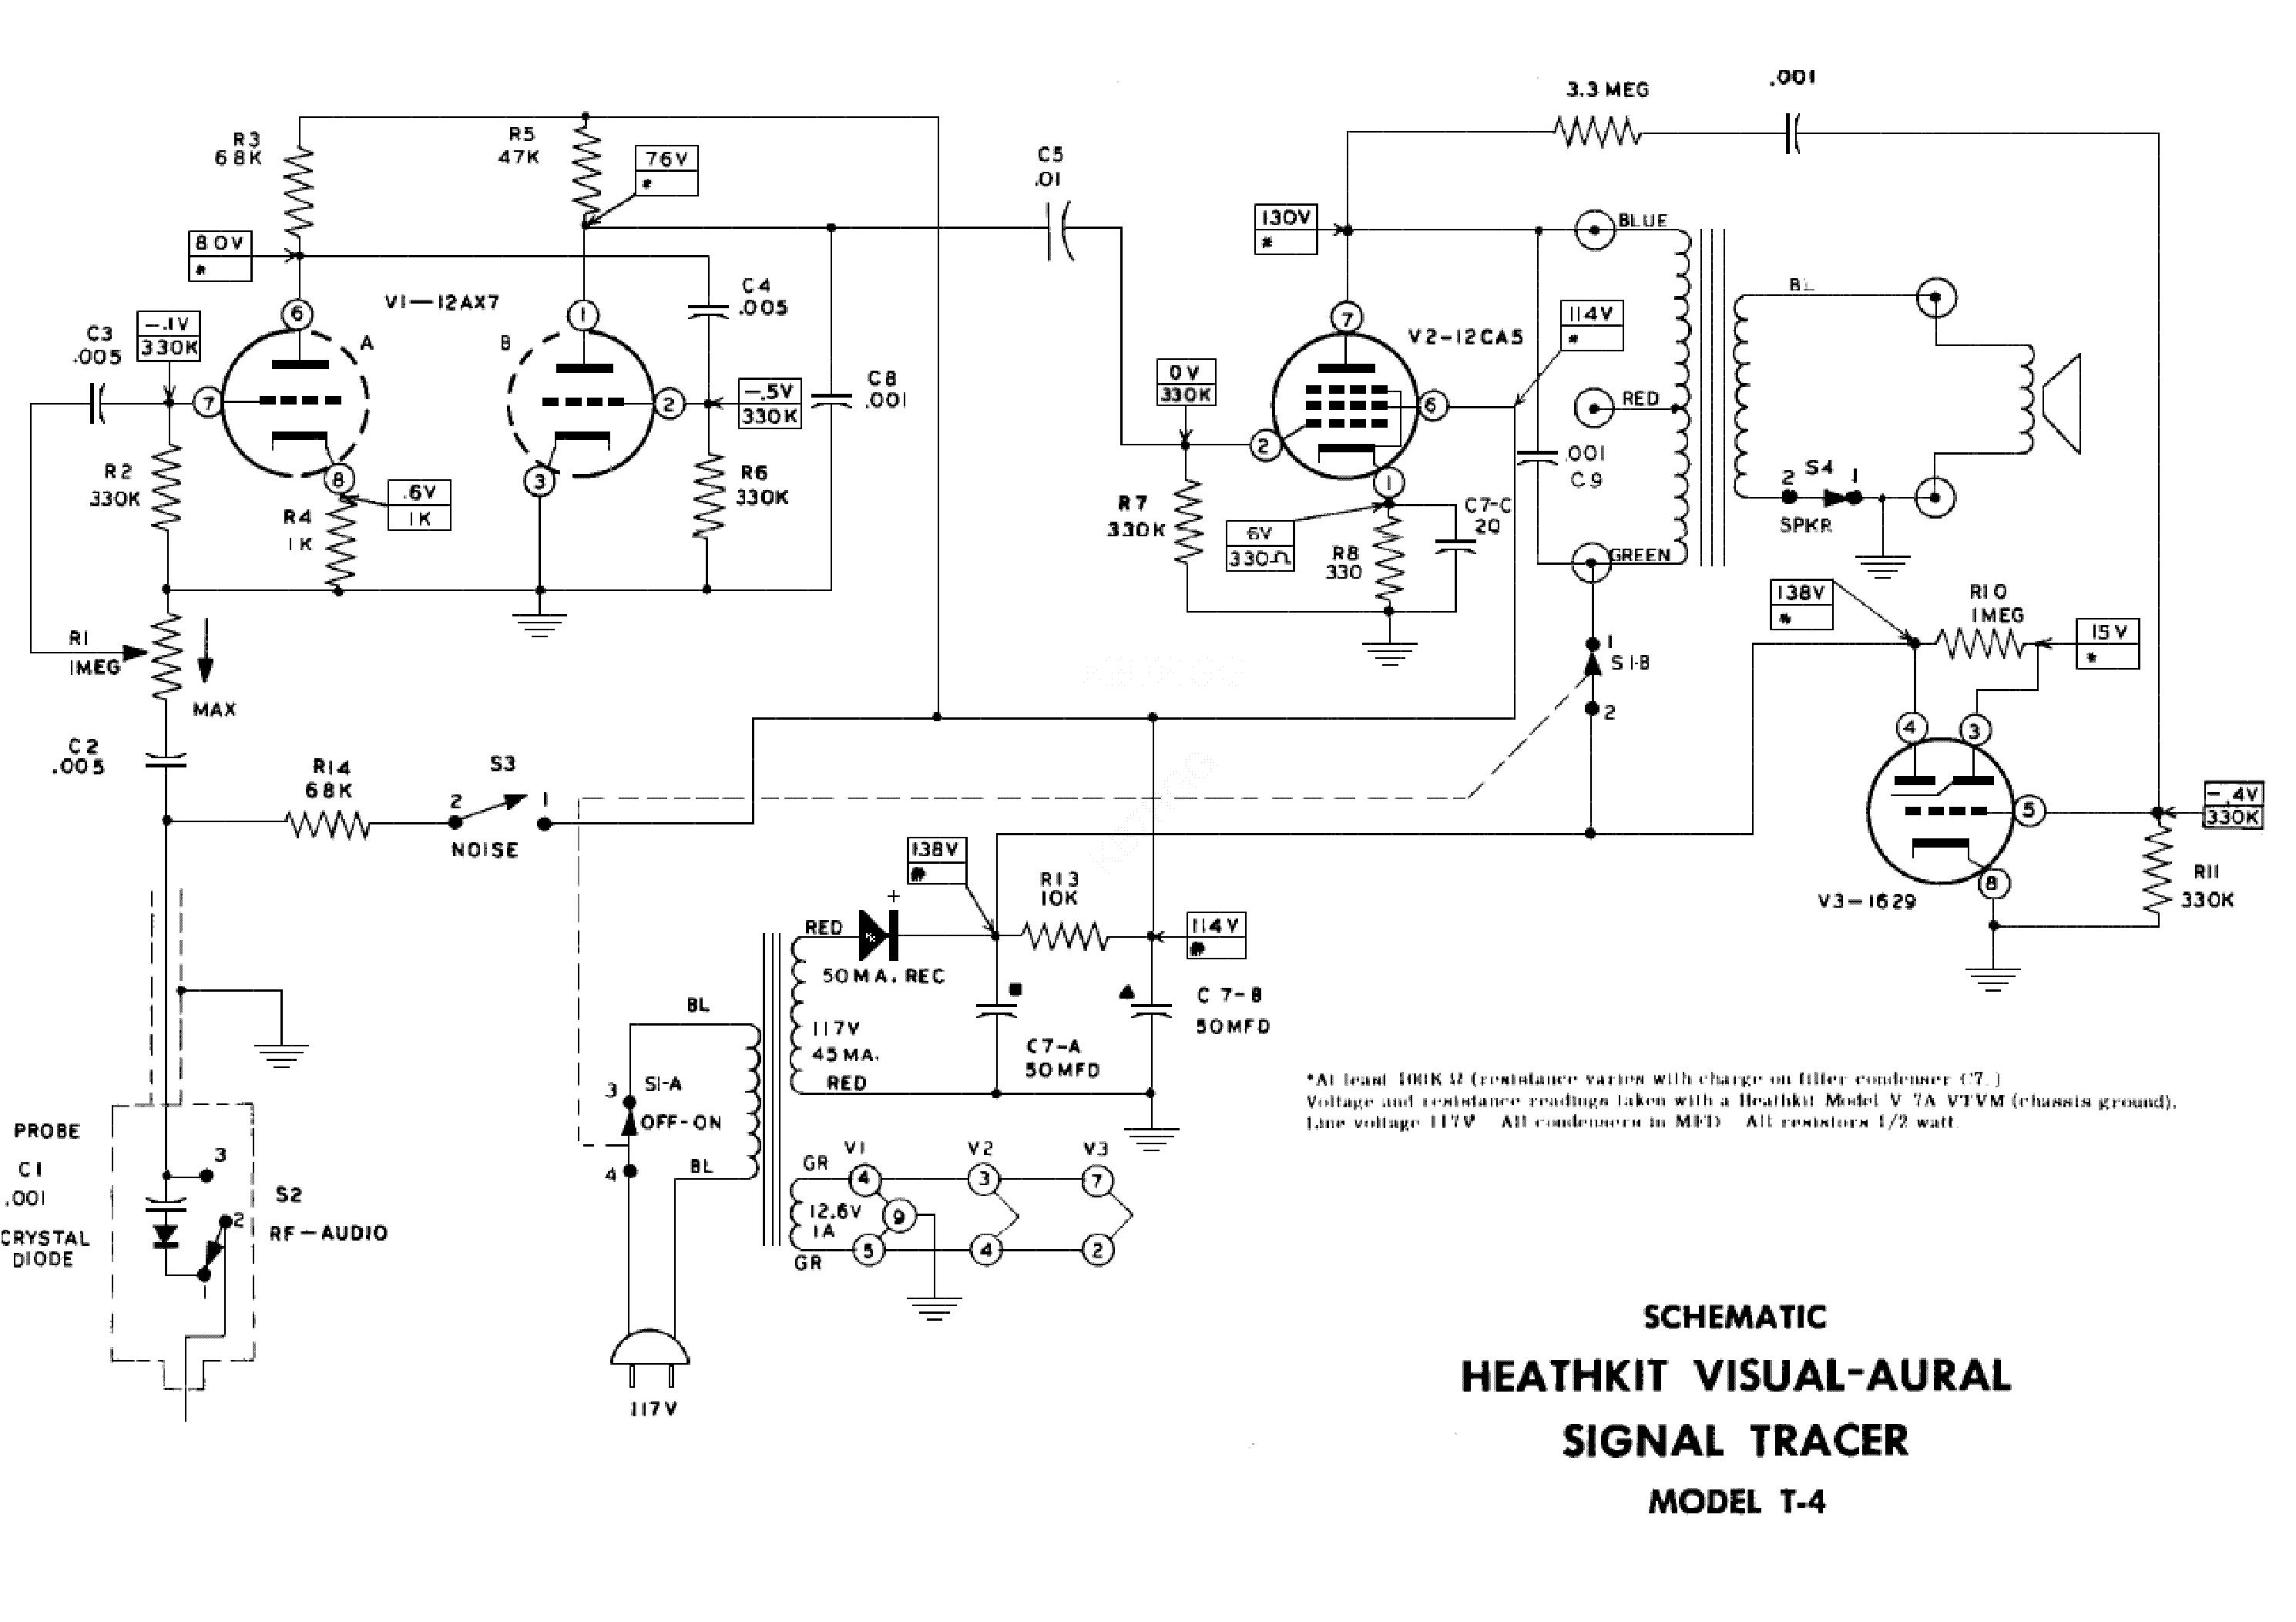 Heathkit t 4 Manual